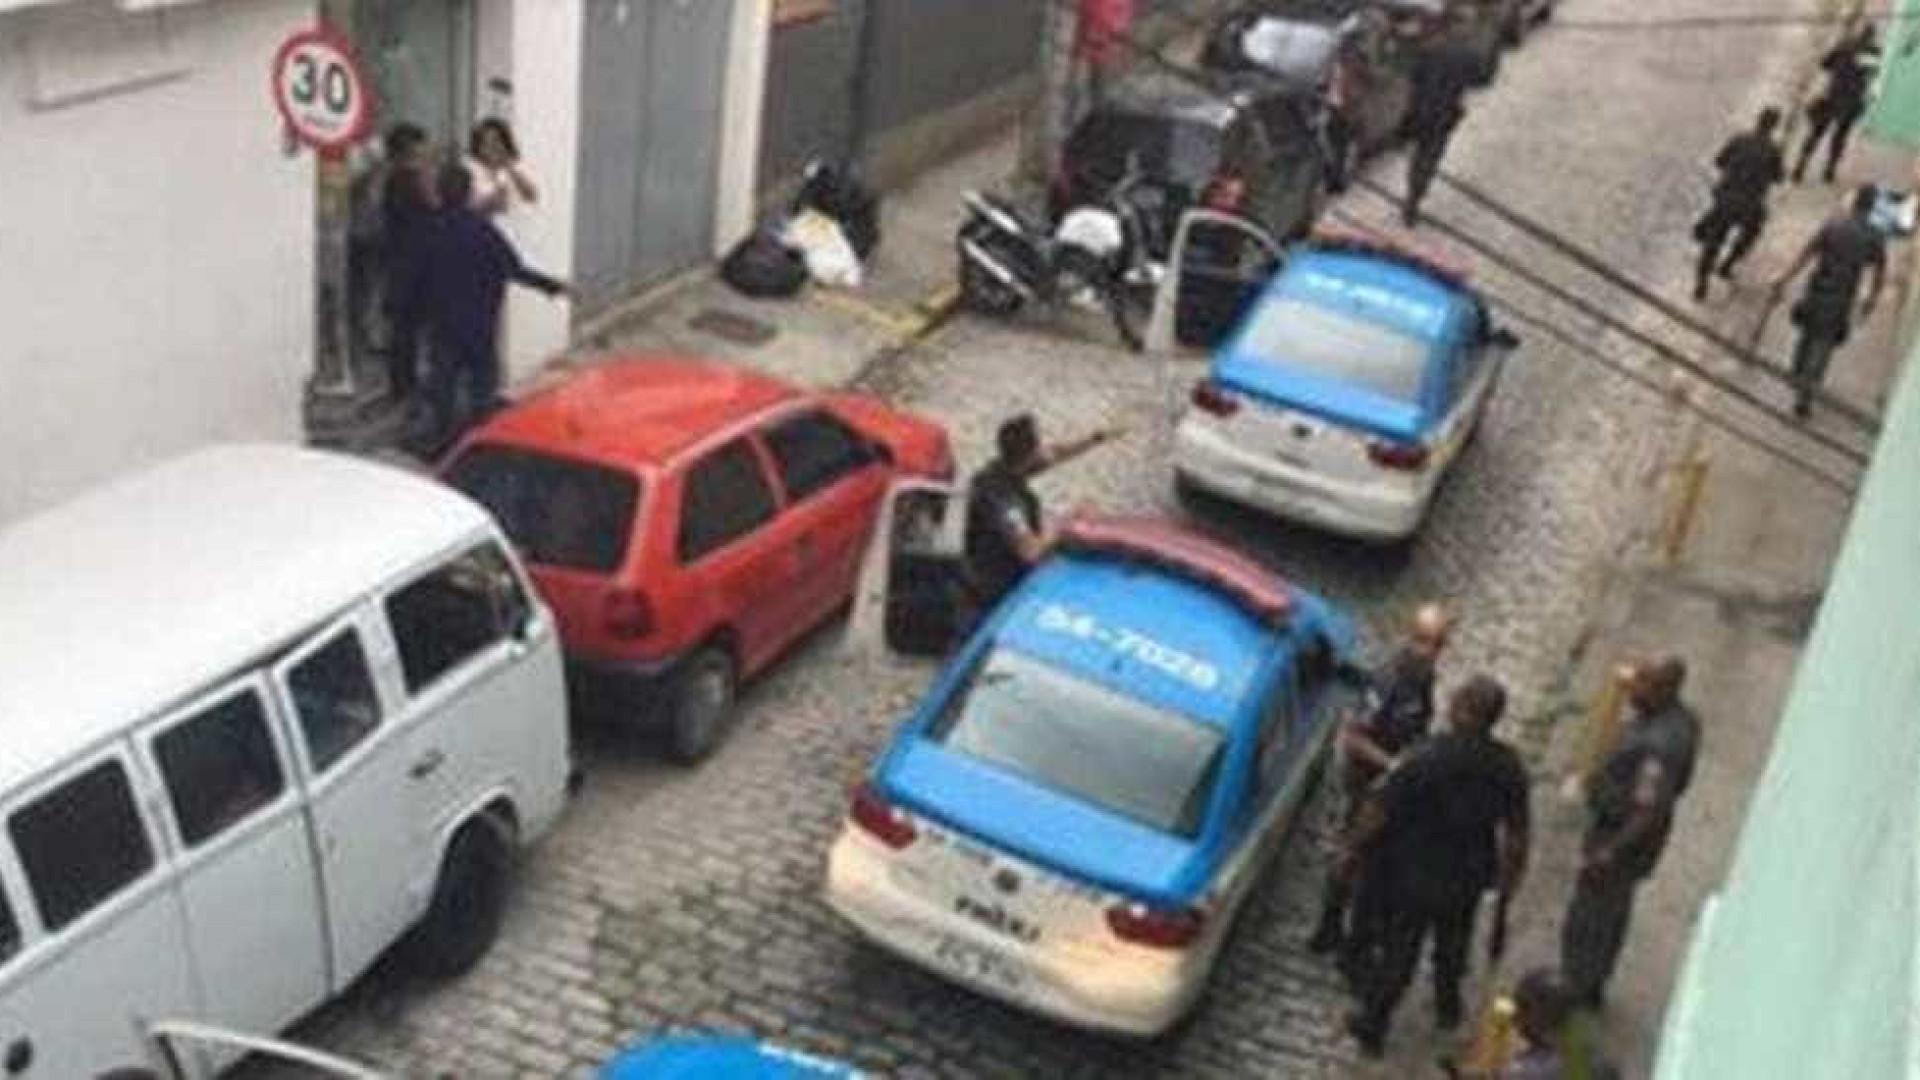 Internautas relatam tiros  e perseguição policial no Humaitá